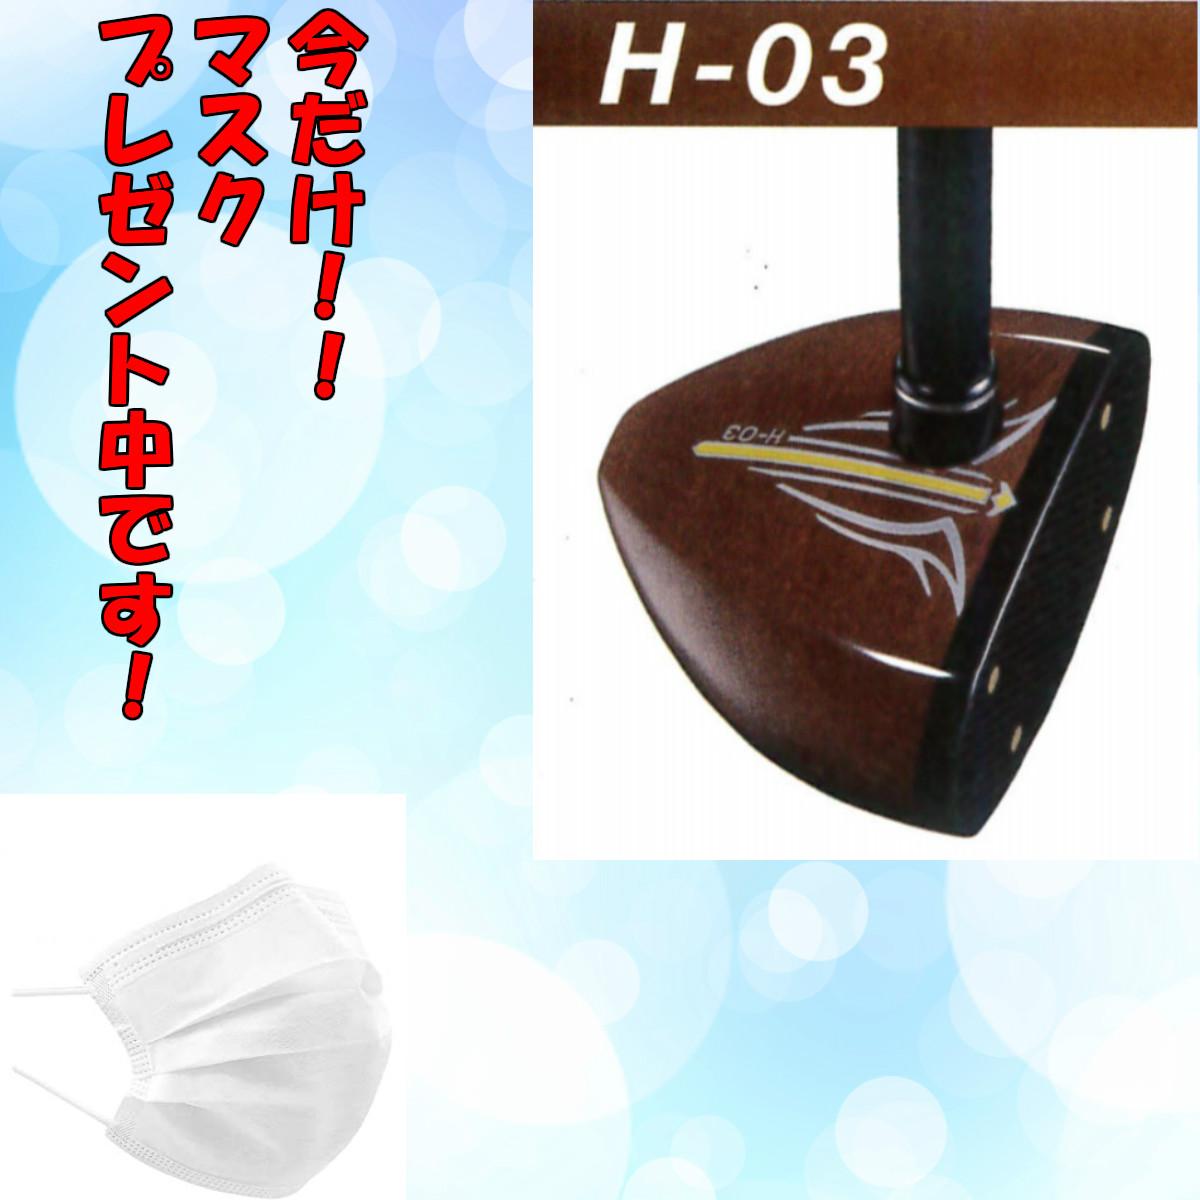 【今だけマスク50枚プレゼント中!】本間ゴルフ H-03 パークゴルフクラブ HONMA ホンマ 2019 2020